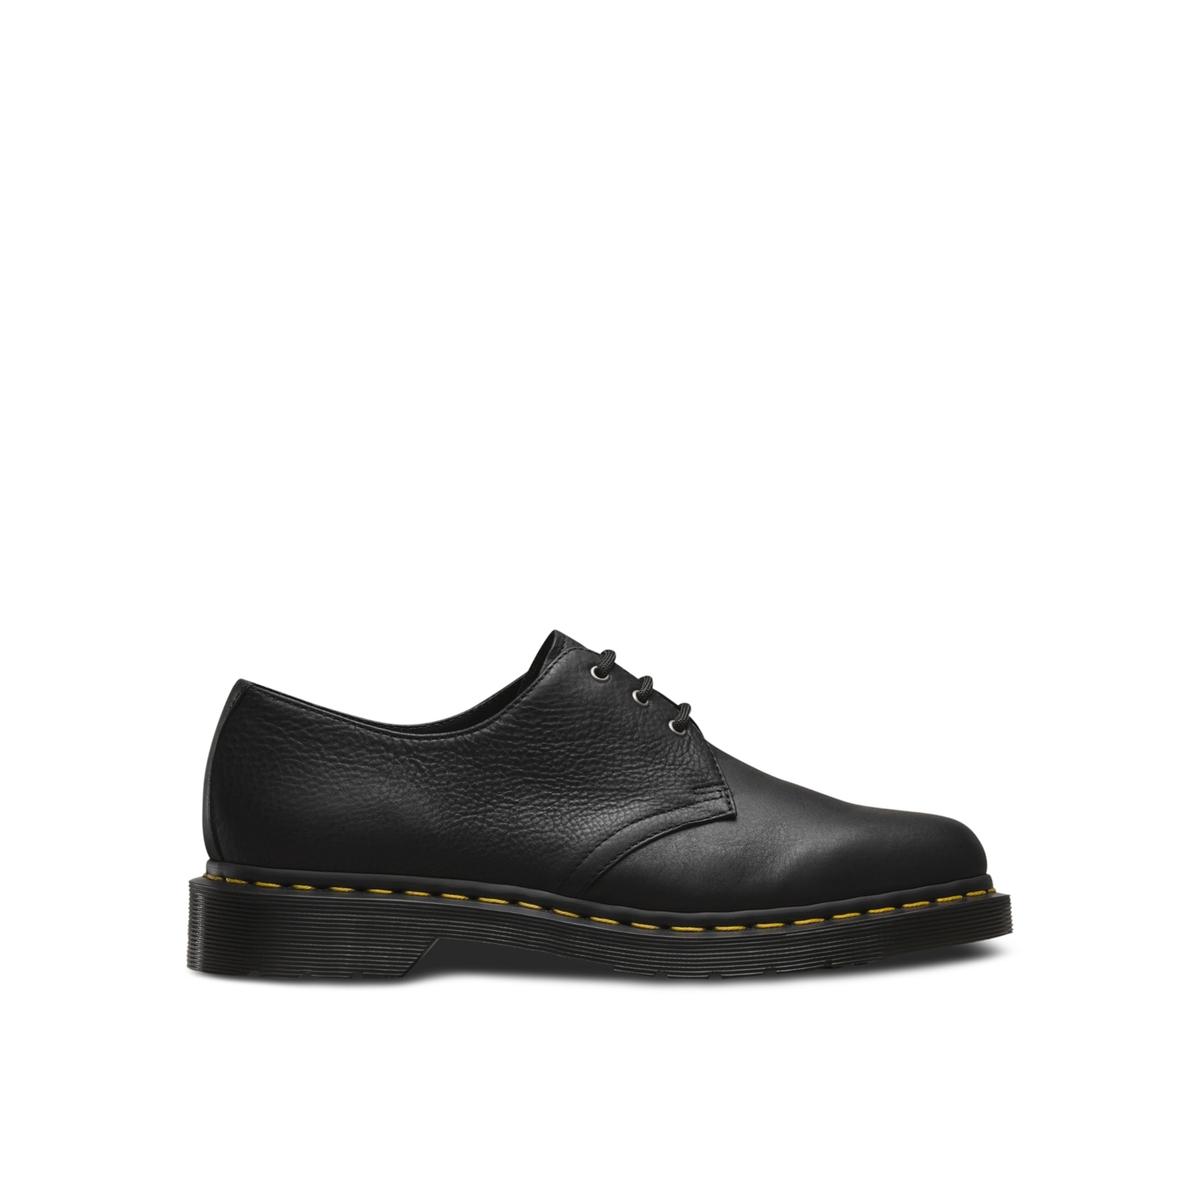 Ботинки-дерби 1461 La Redoute 45 черный